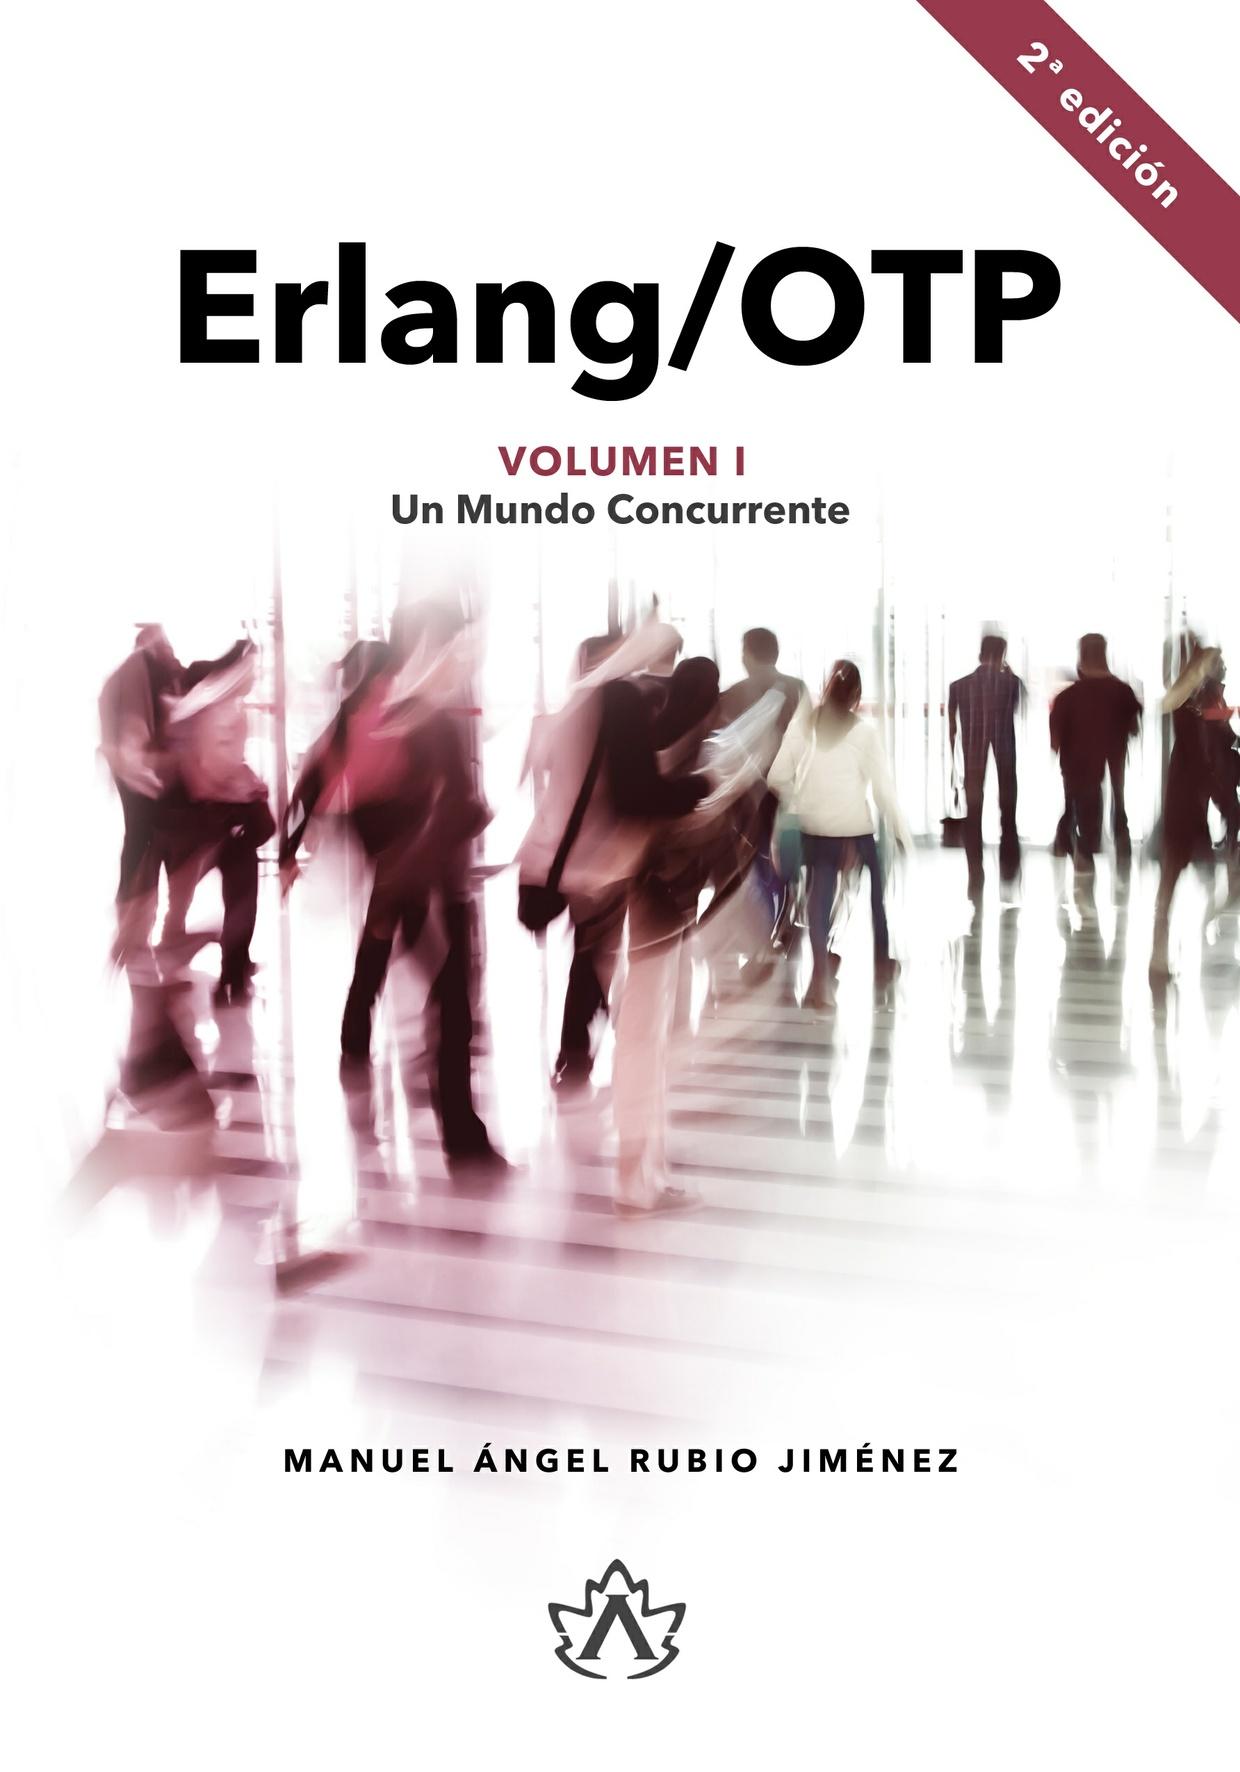 Erlang/OTP Volumen I: Un Mundo Concurrente (2ª Edición) PDF